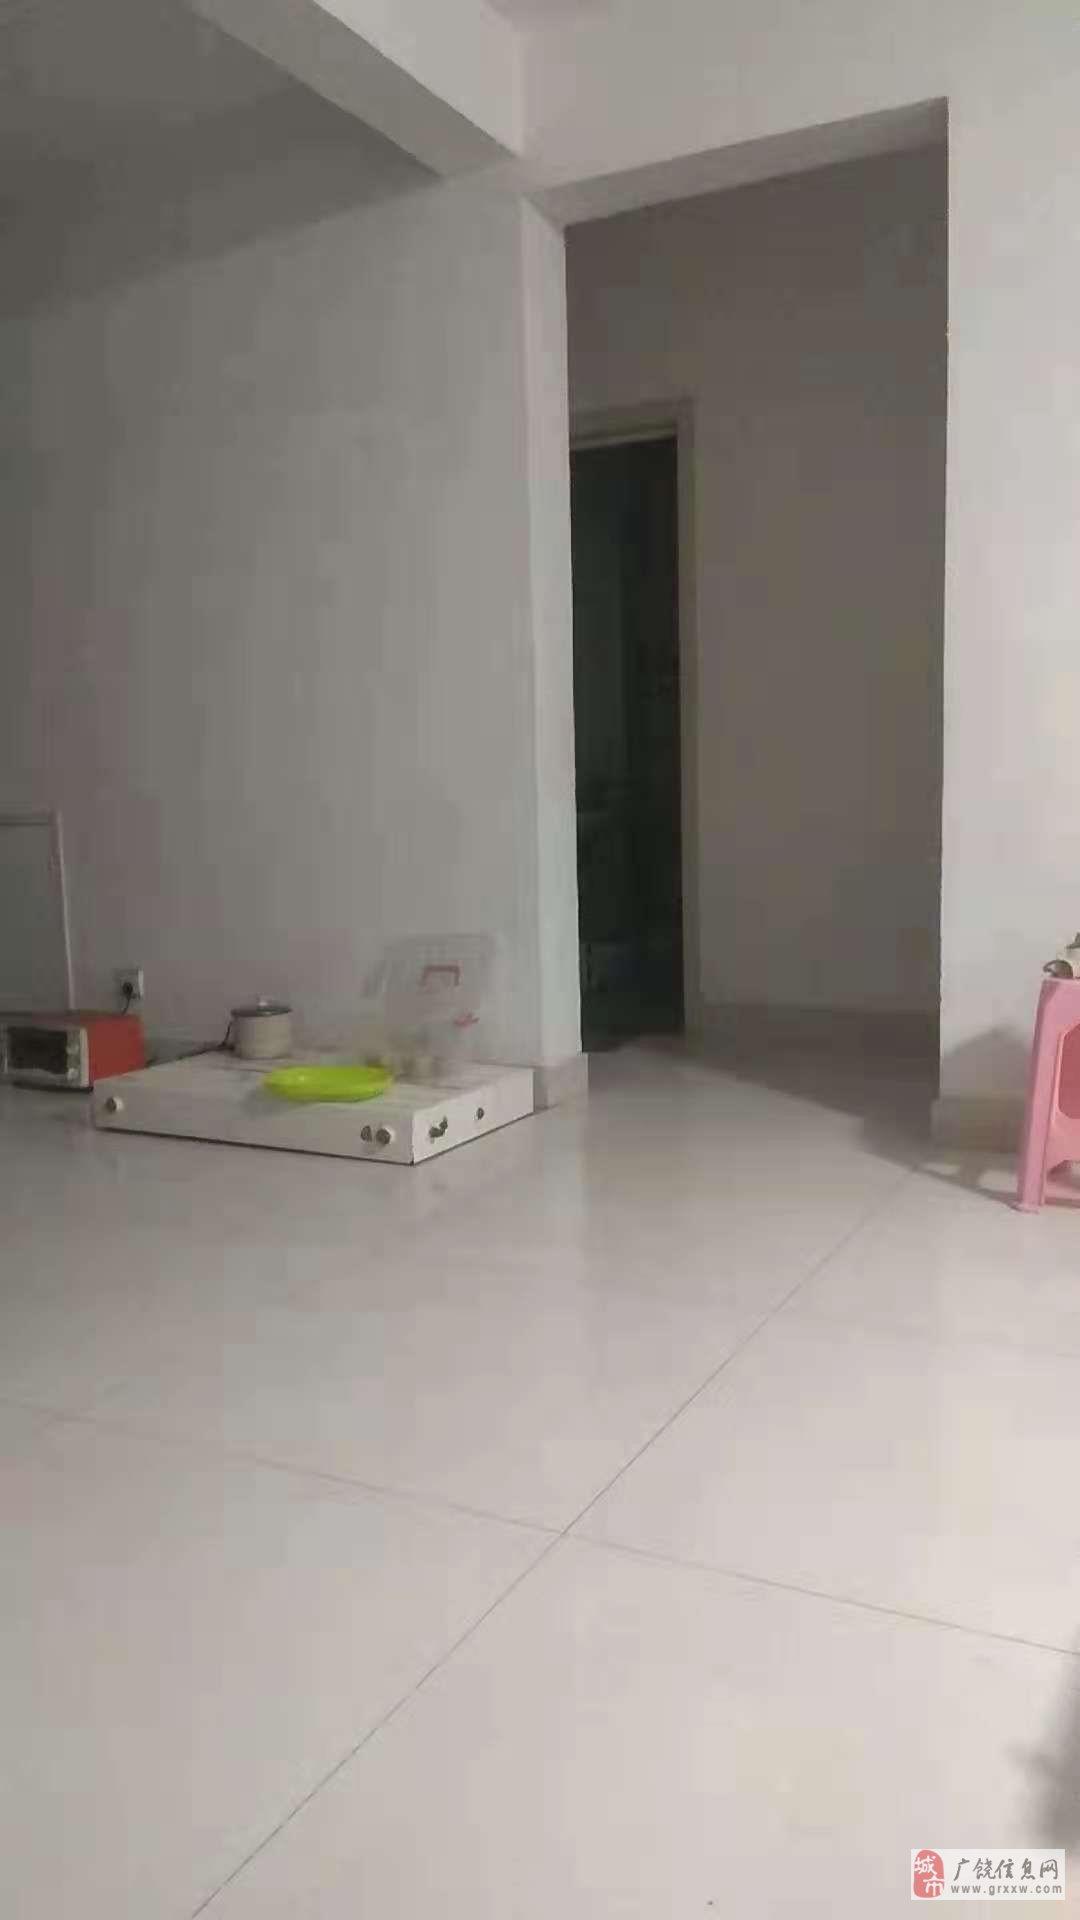 丽景豪庭带车位储藏室3室2厅2卫英才学区房免税房